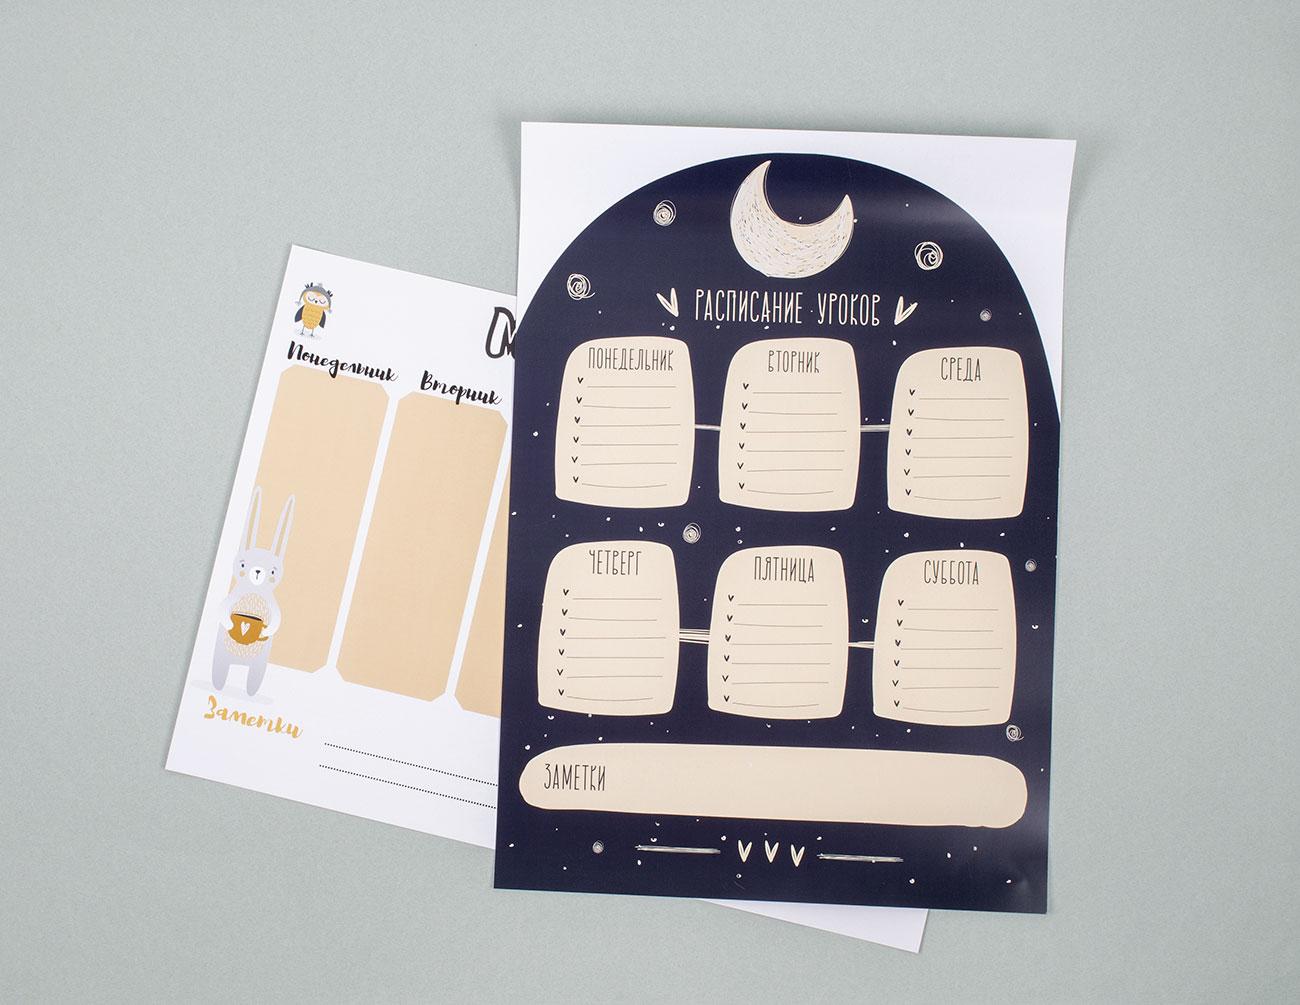 Постеры для интерьера: изготовление и печать на заказ в NetPrint